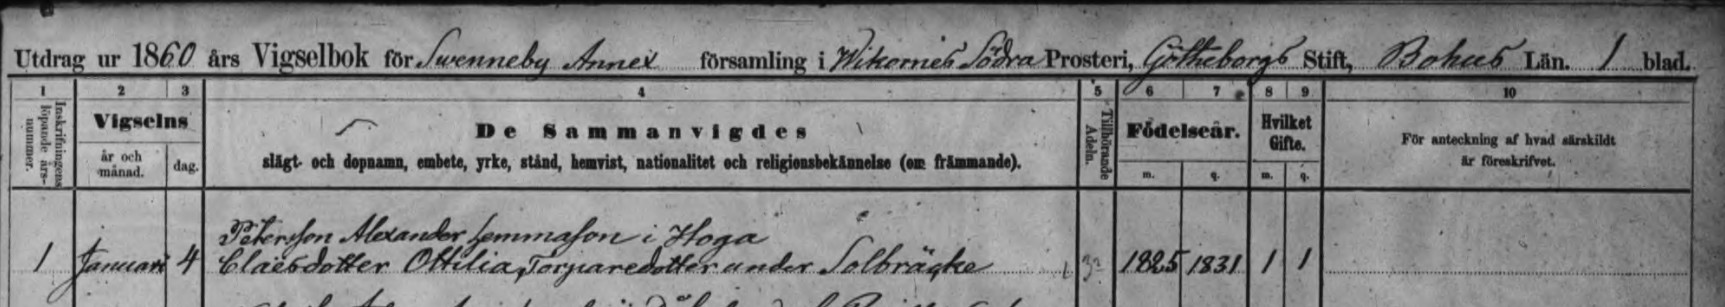 Svenneby SCB-E 1860